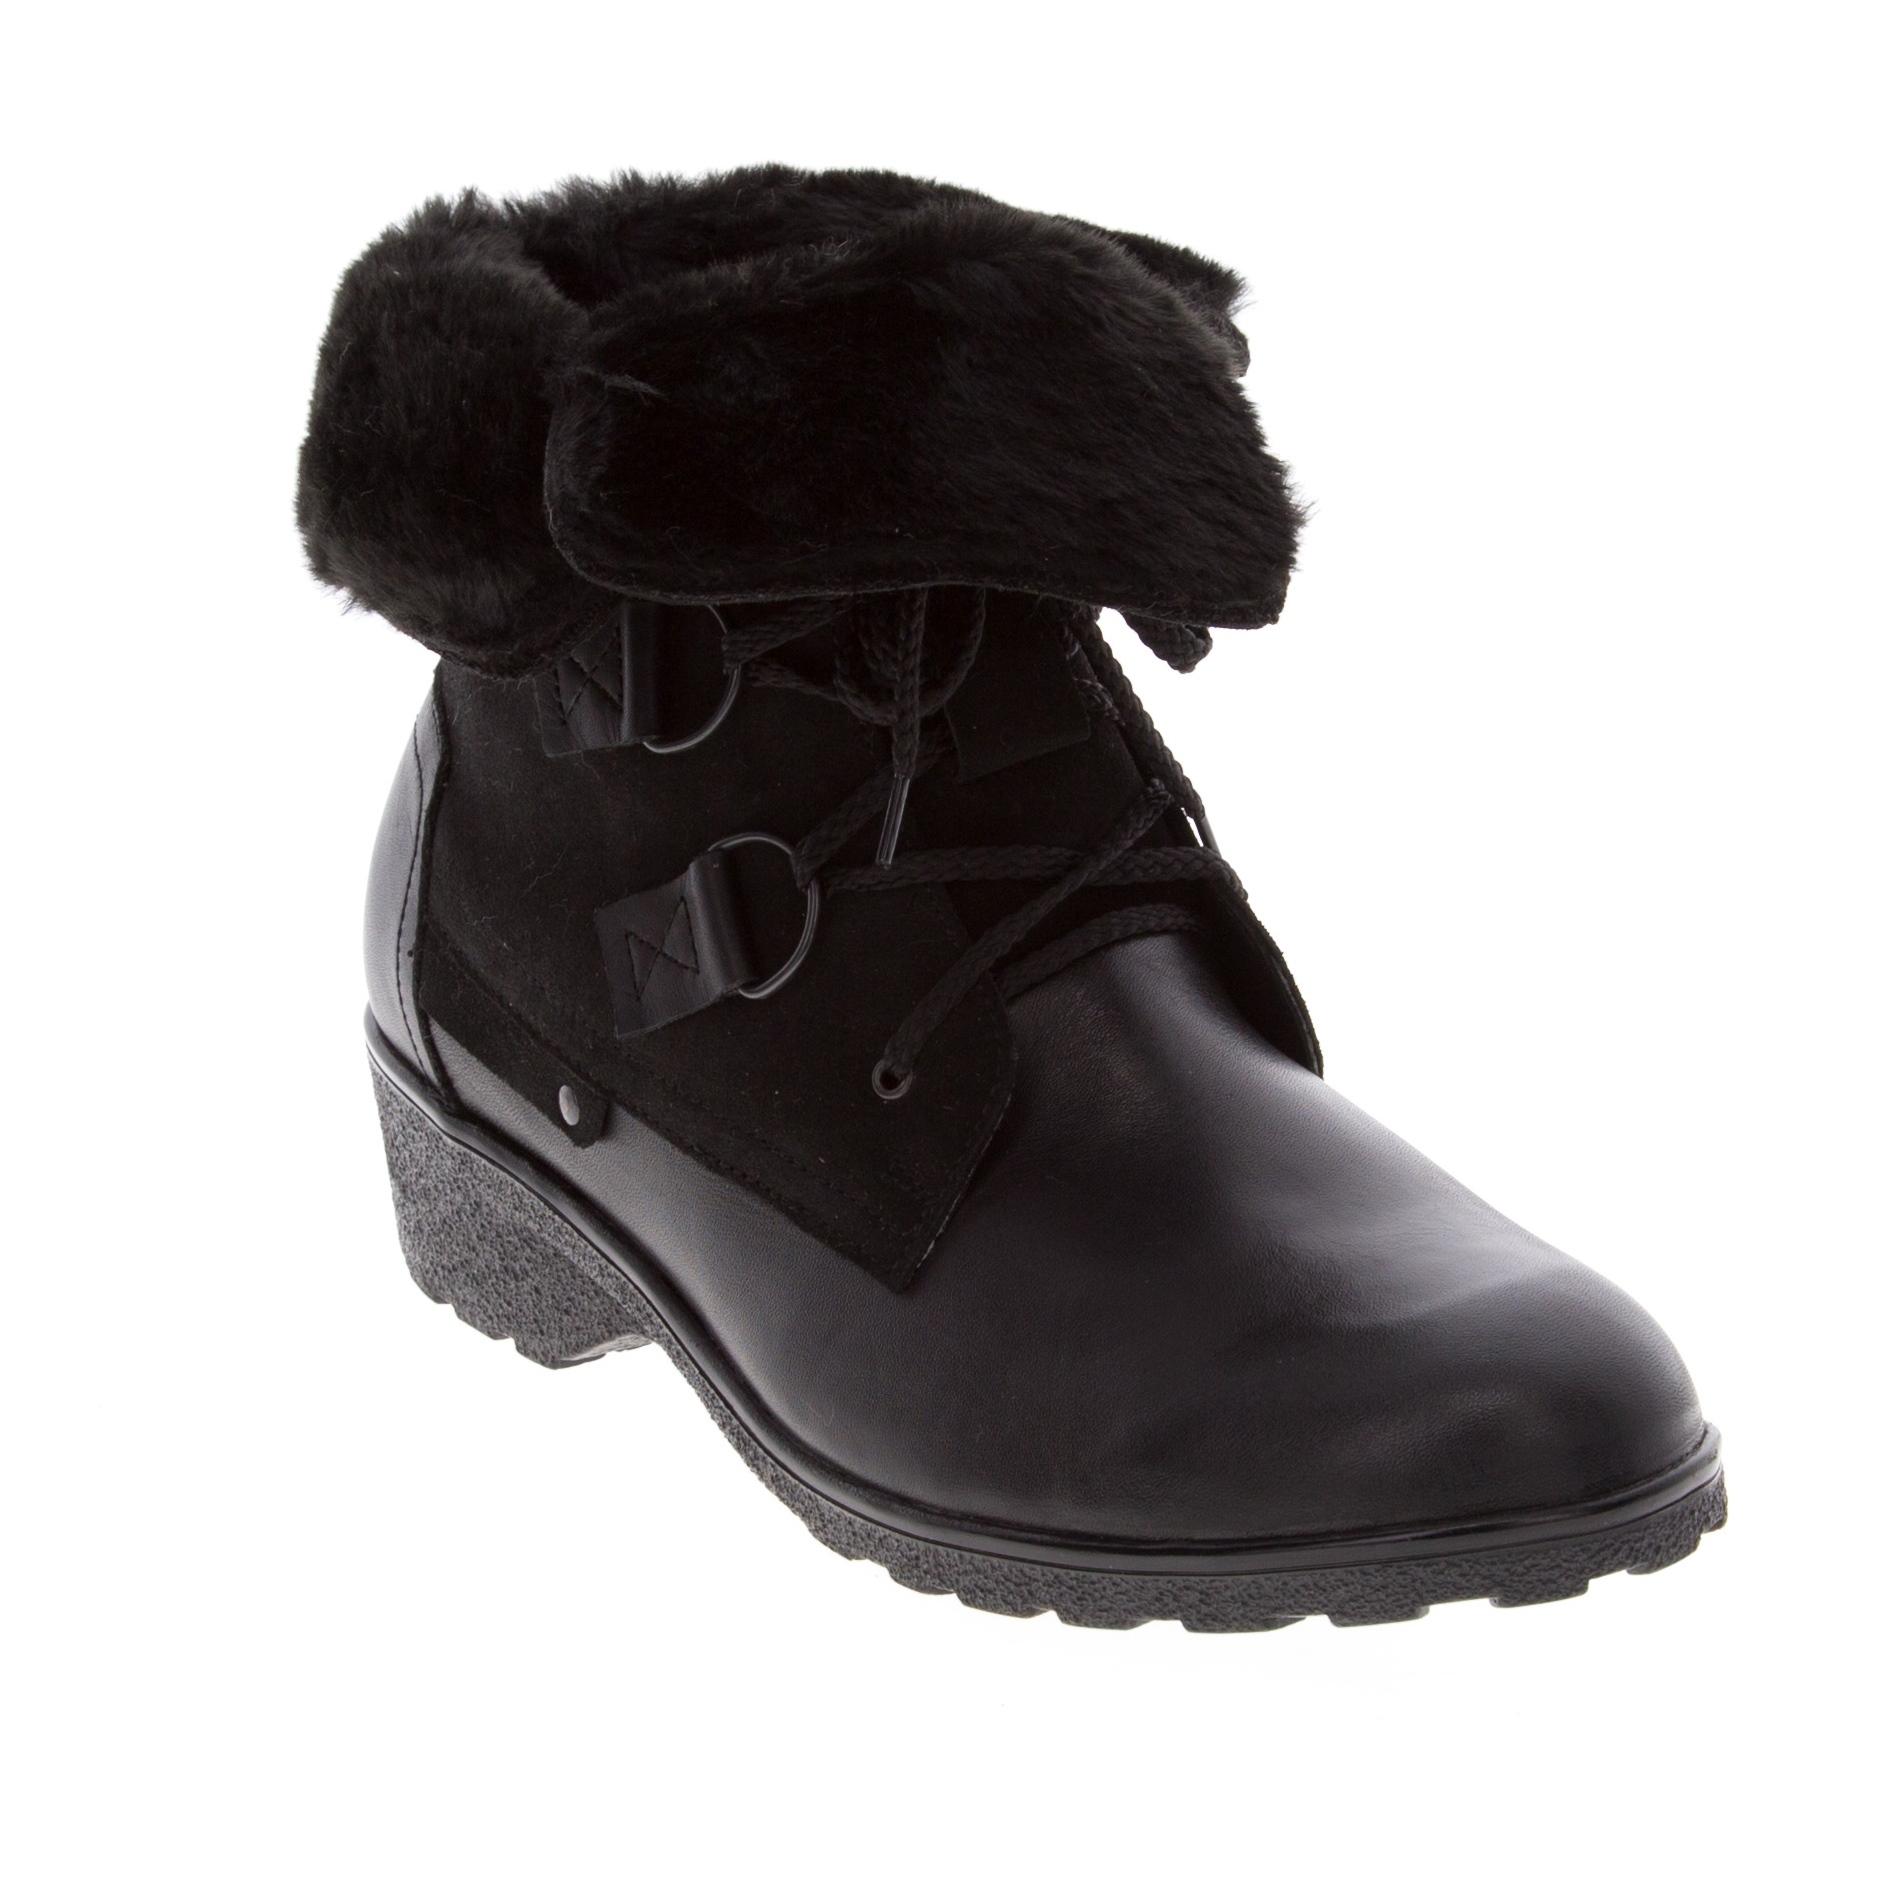 571401 Ботинки женские черные больших размеров марки Делфино